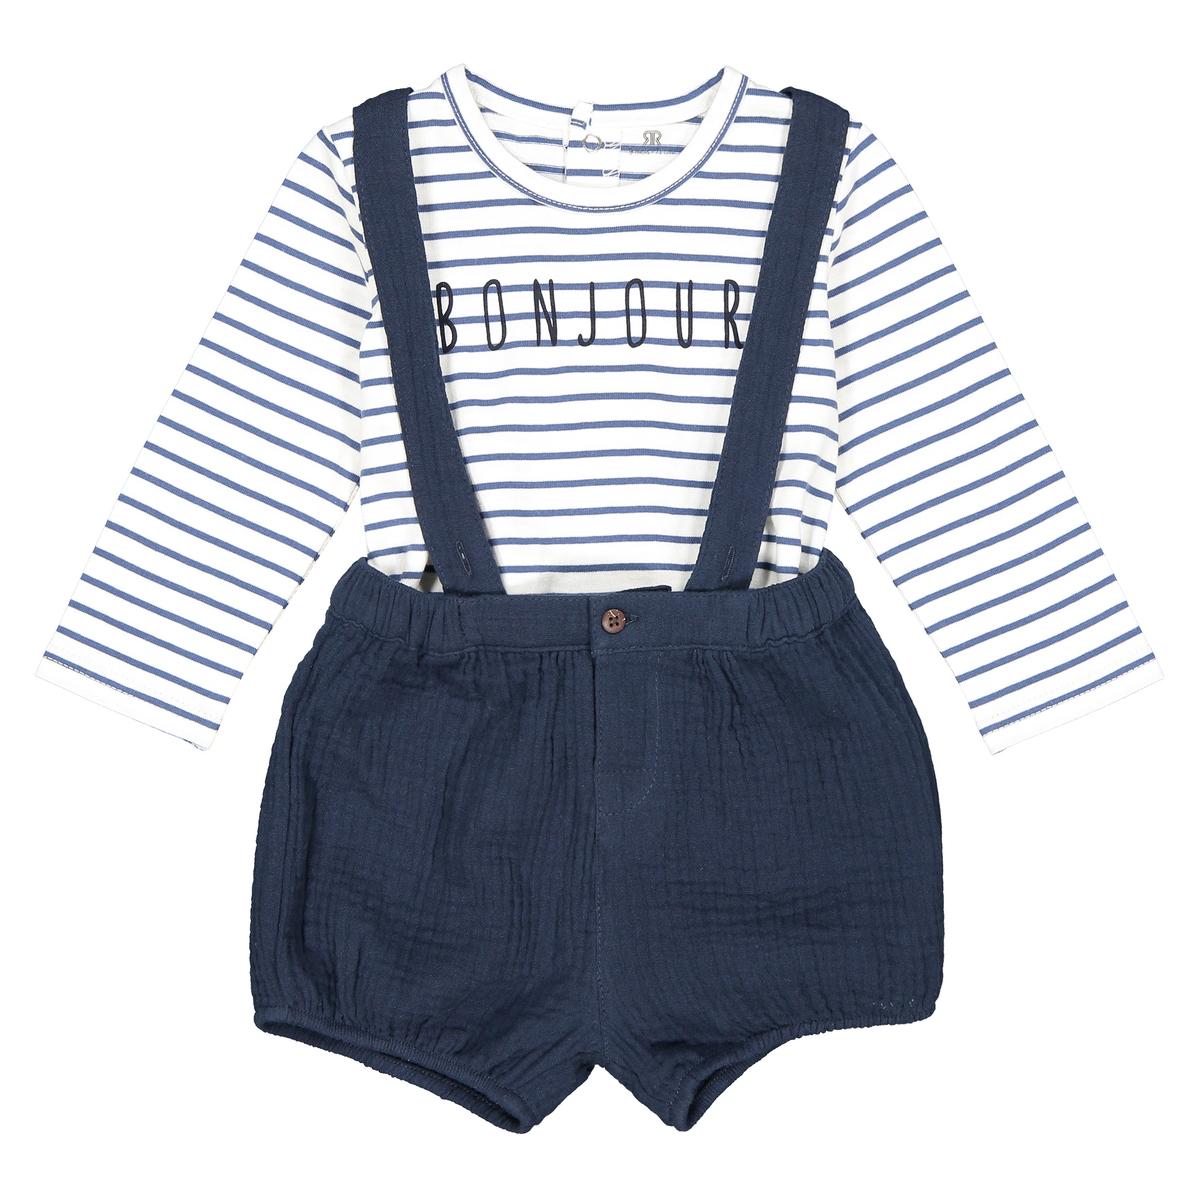 Комплект шорты Футболка с La Redoute принтом мес 18 мес. - 81 см синий футболка с принтом 1 мес 4 лет